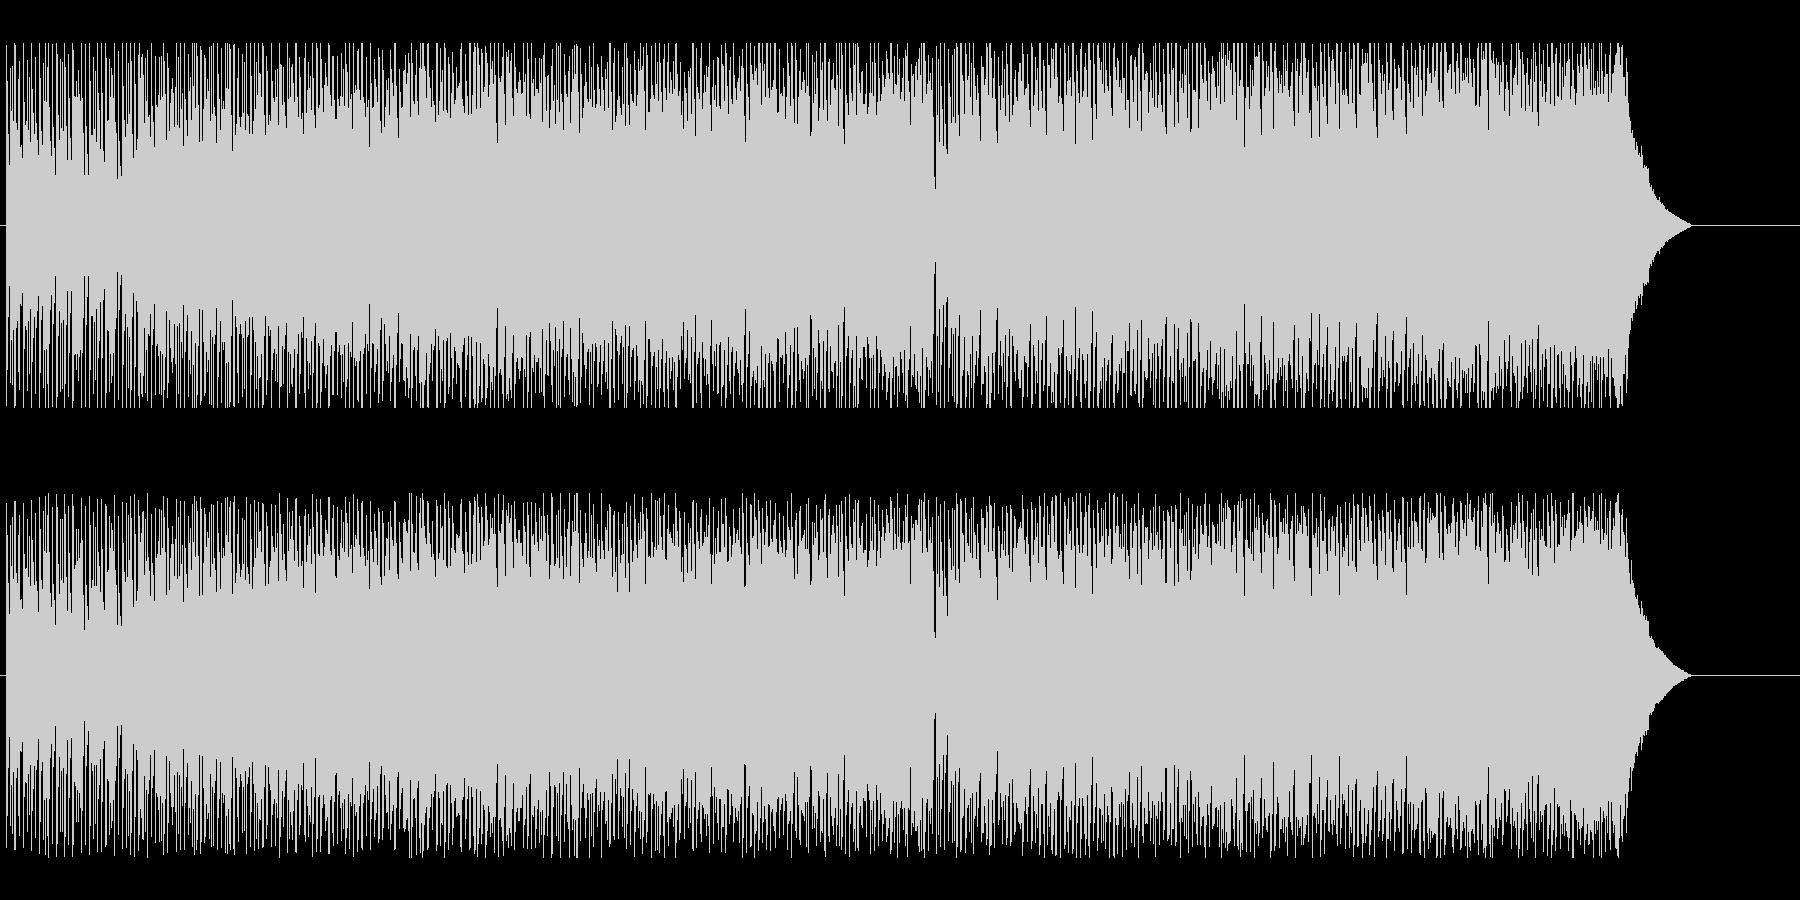 スピード感と爽やかさのあるテクノの未再生の波形